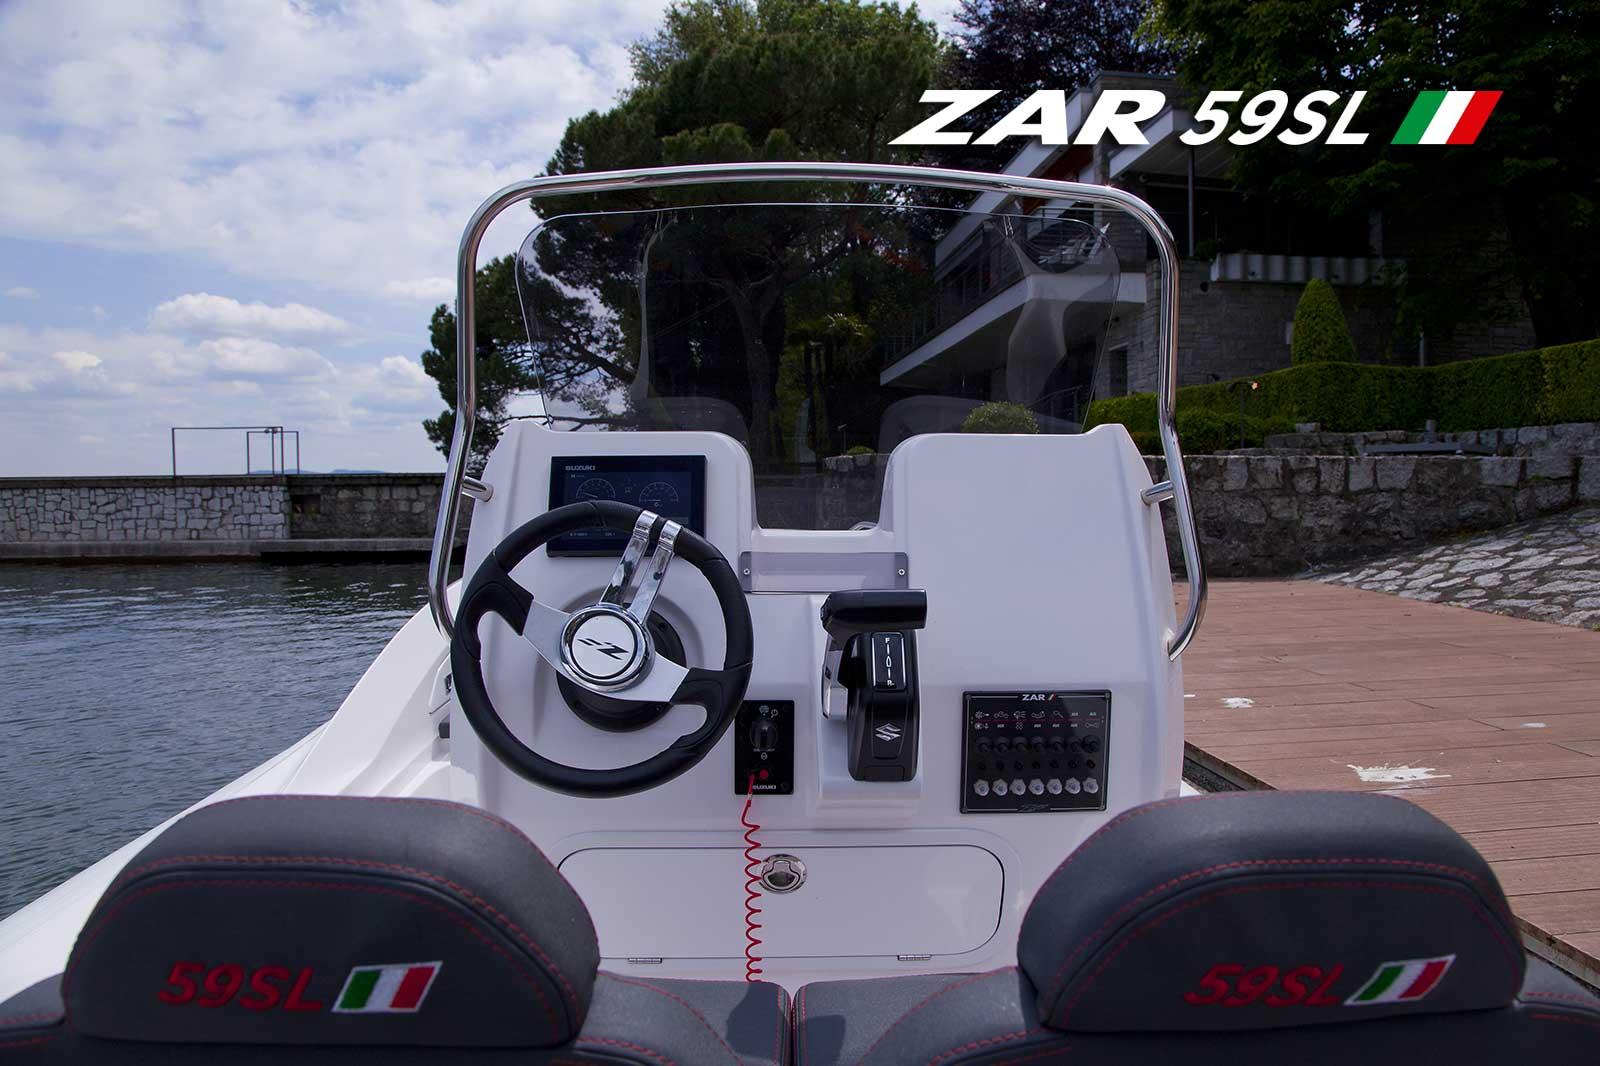 Zar59 5